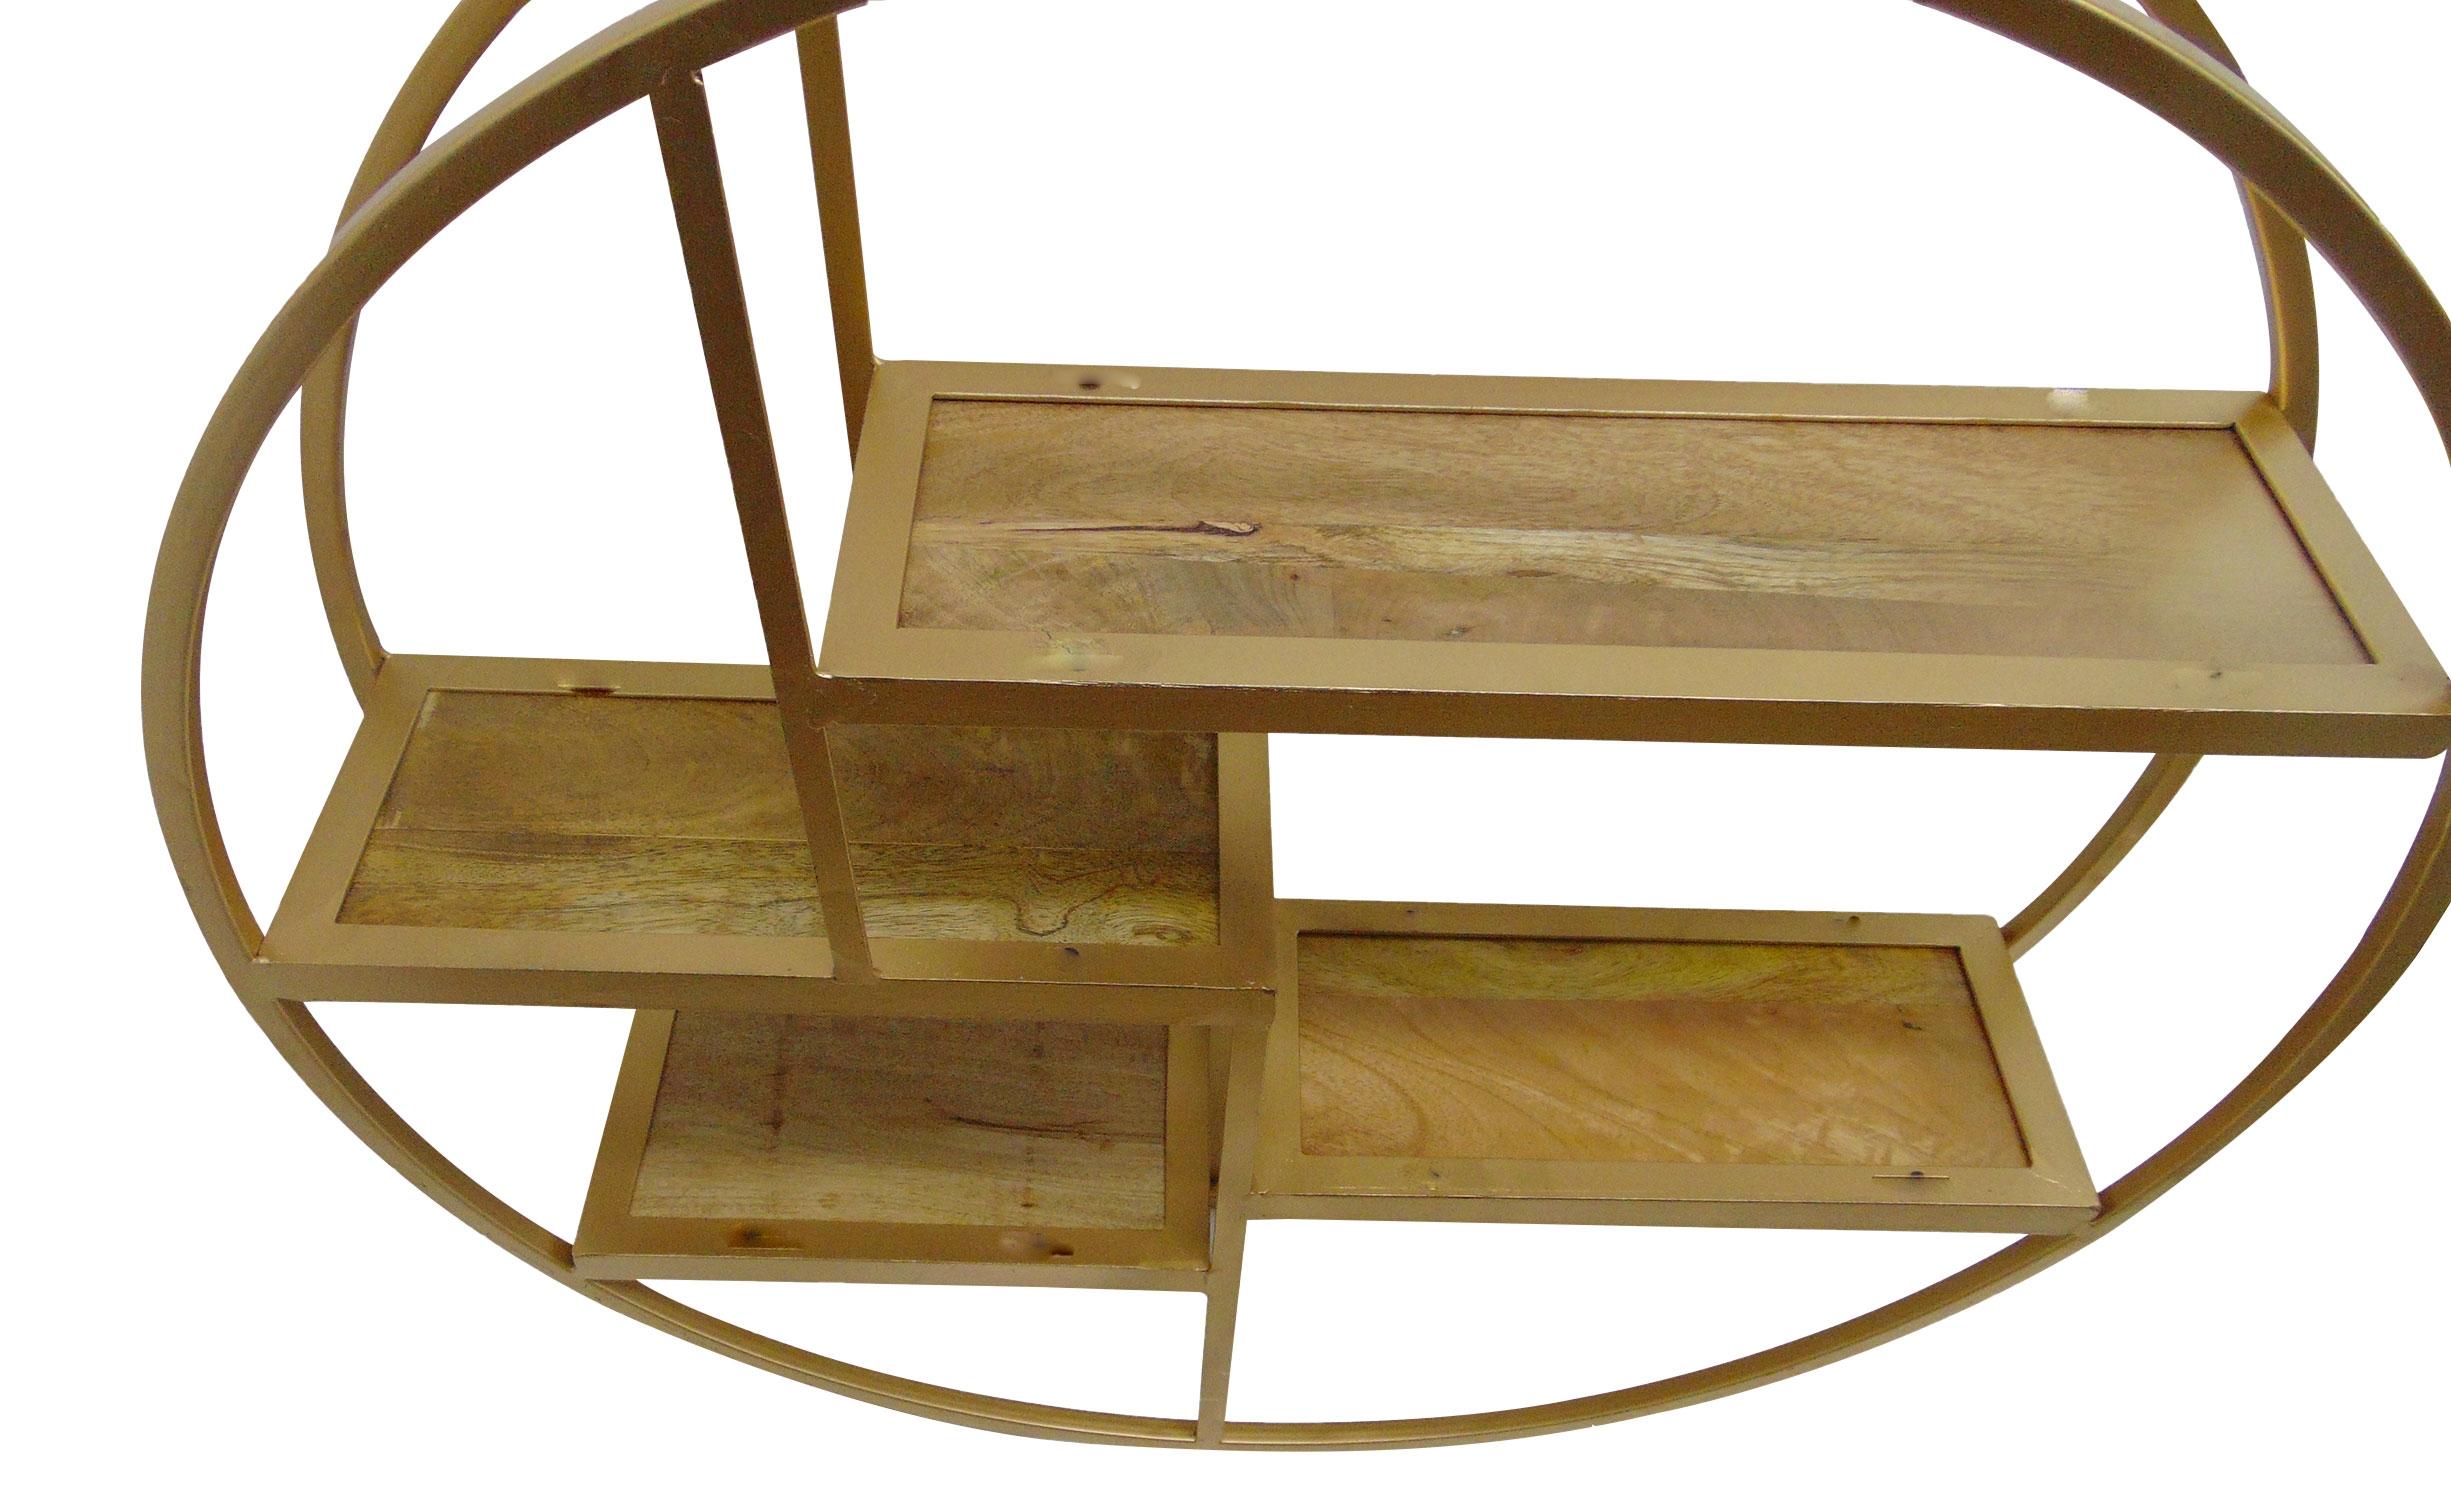 Girane Rundes Regal aus goldenem Metall und Holz